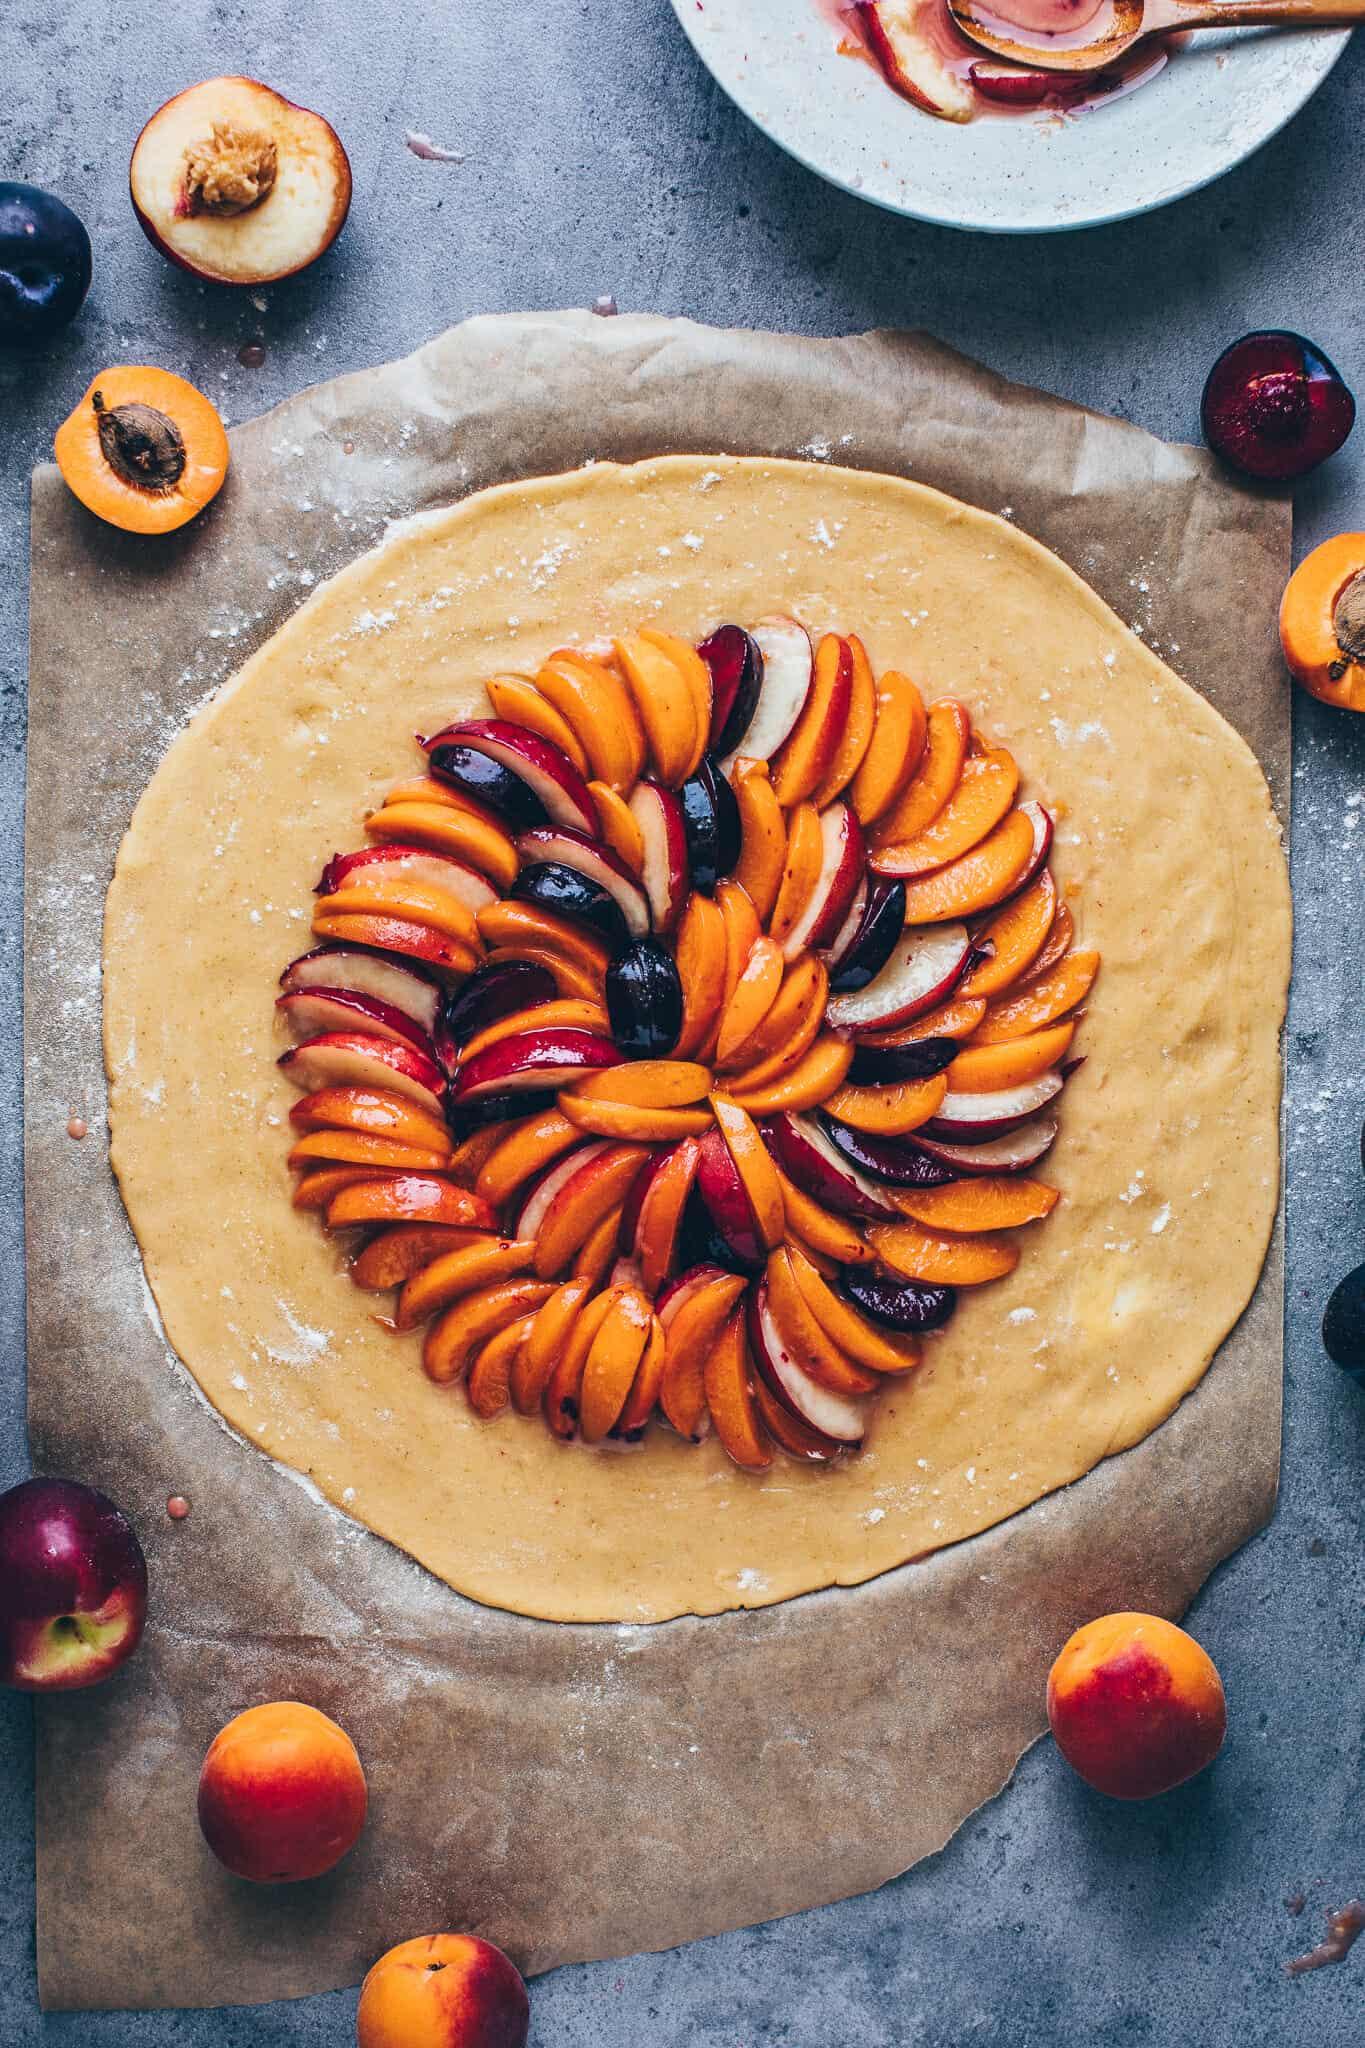 Obst Tarte. Galette mit Mandeln, Pfirsichen, Aprikosen, Nektarinen, Pflaumen. Selbstgemachter veganer Mürbeteig ohne Ei. Glutenfrei, einfach.